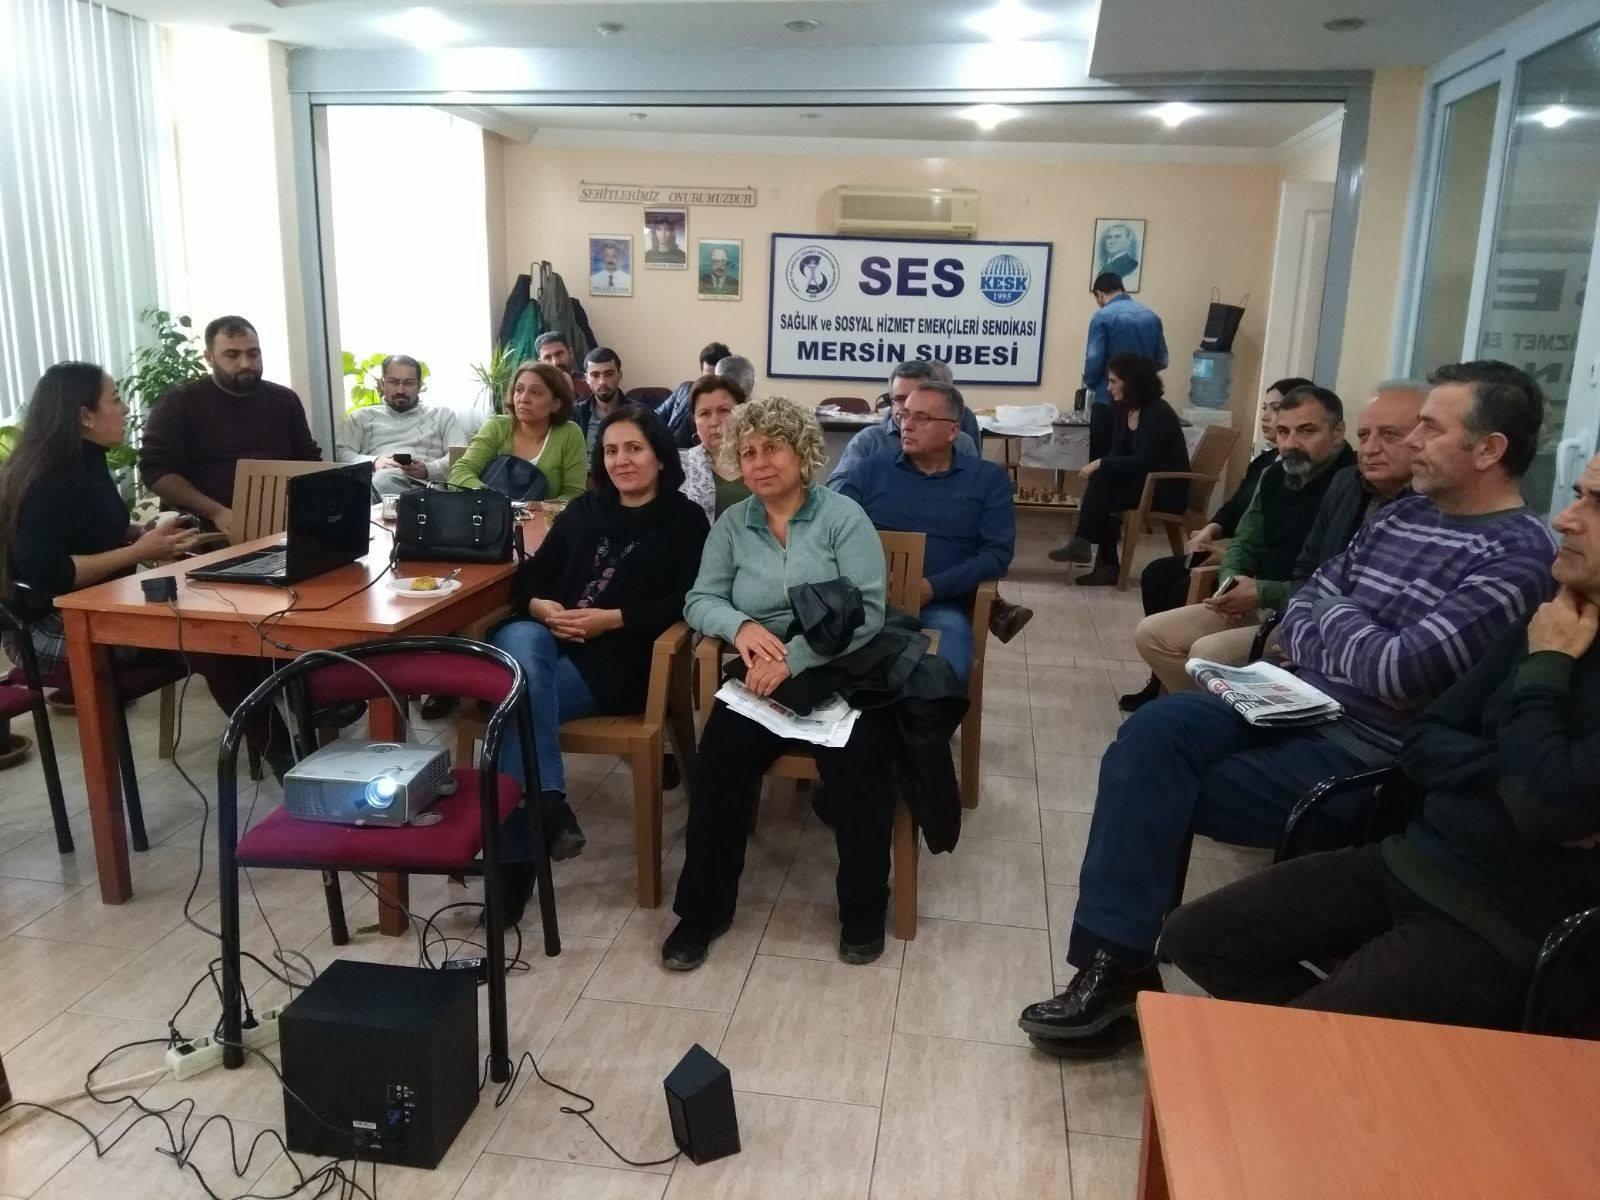 Mersin'de Şehir Hastaneleri Sunumu